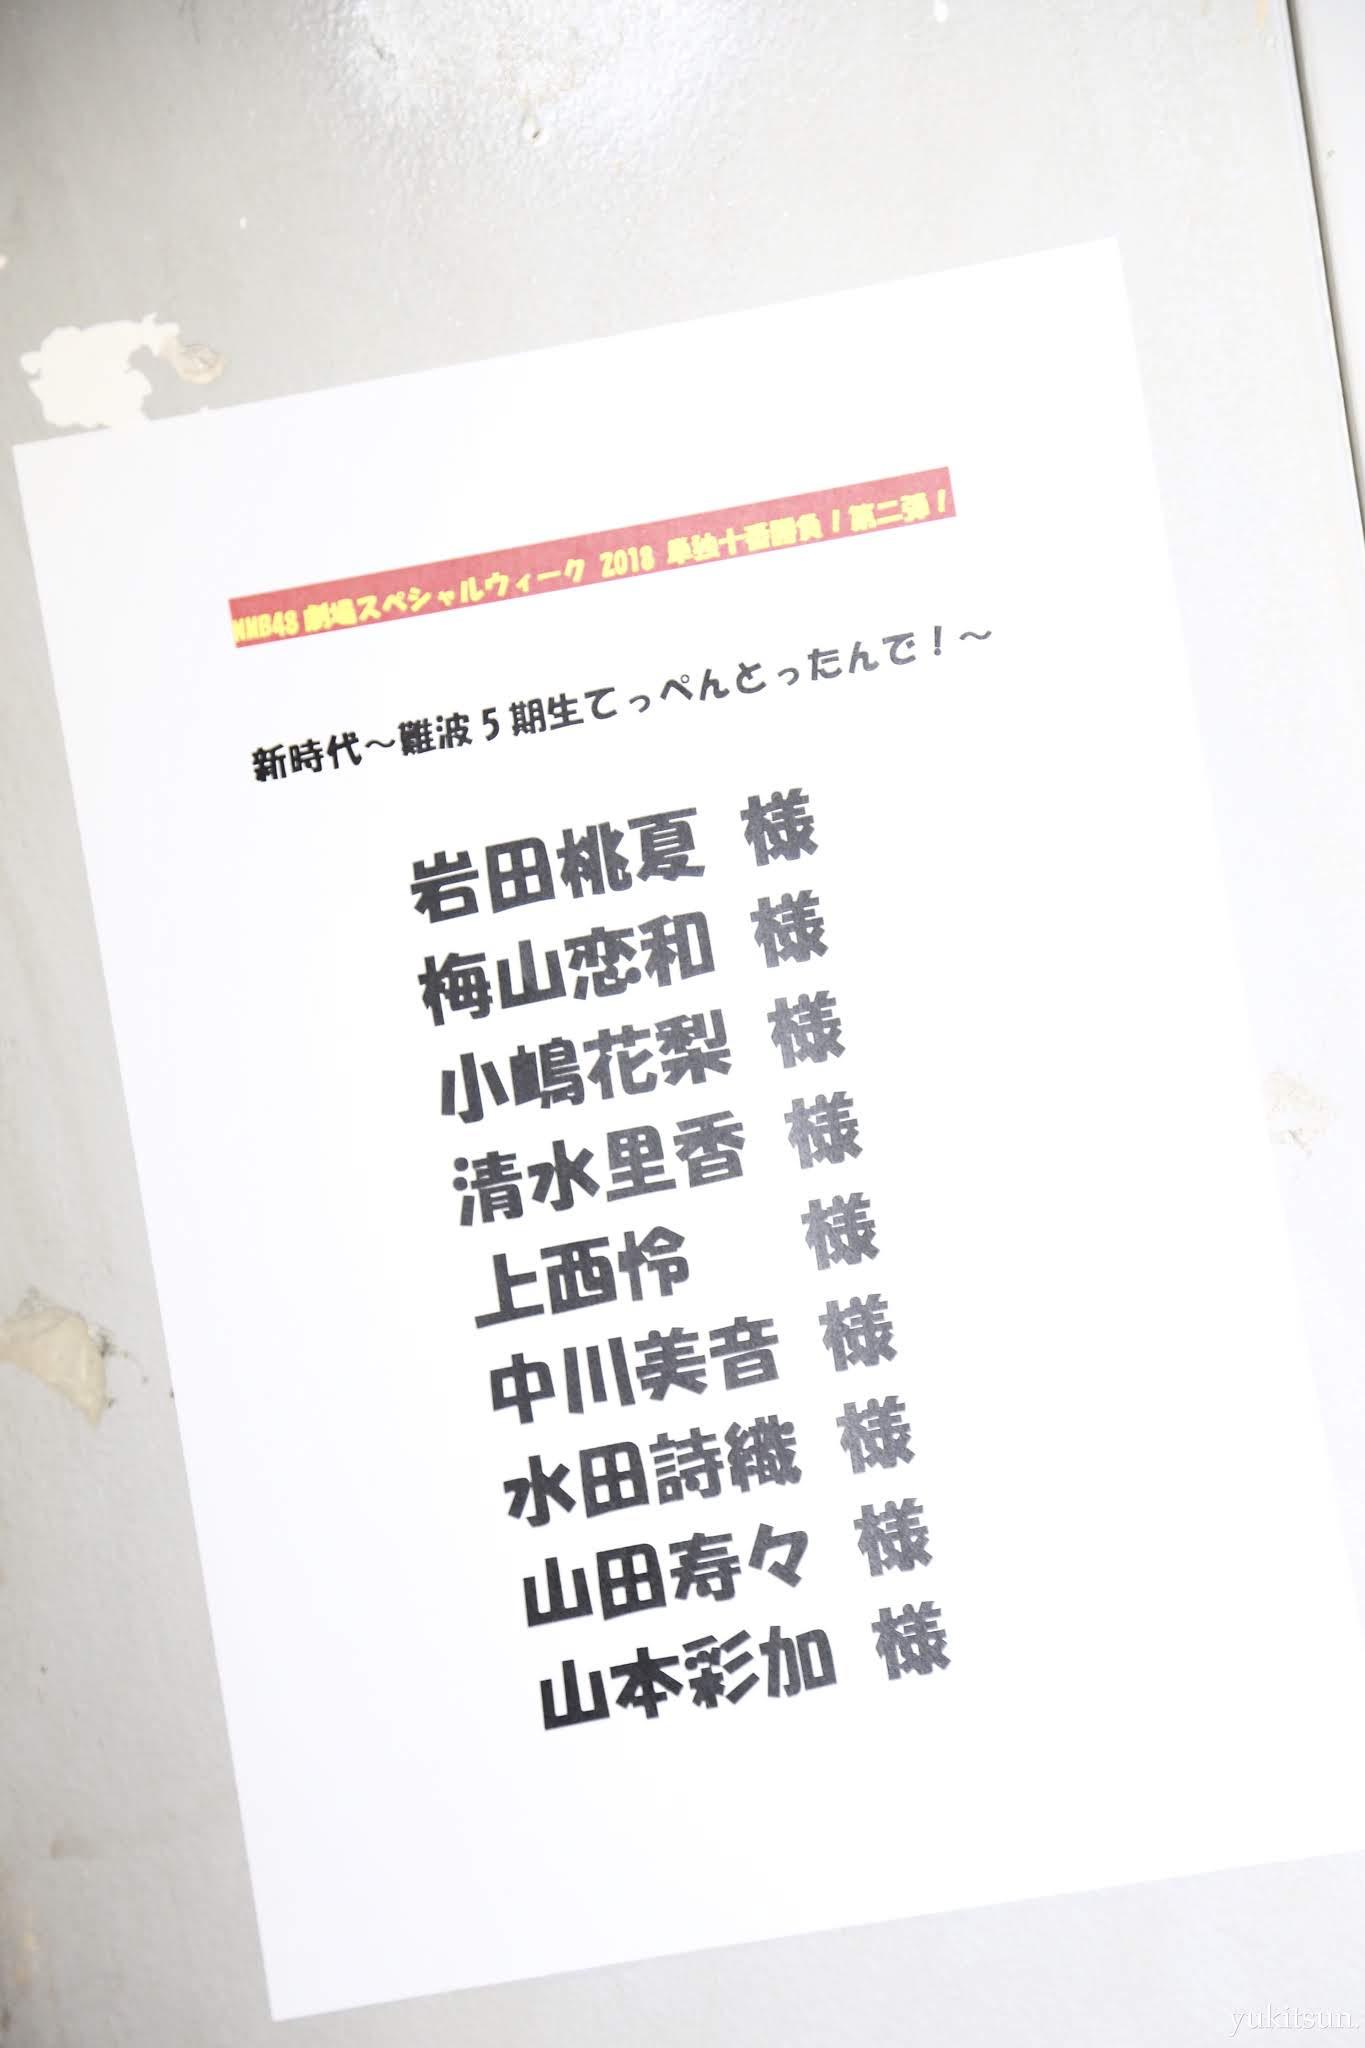 shinjidai-115